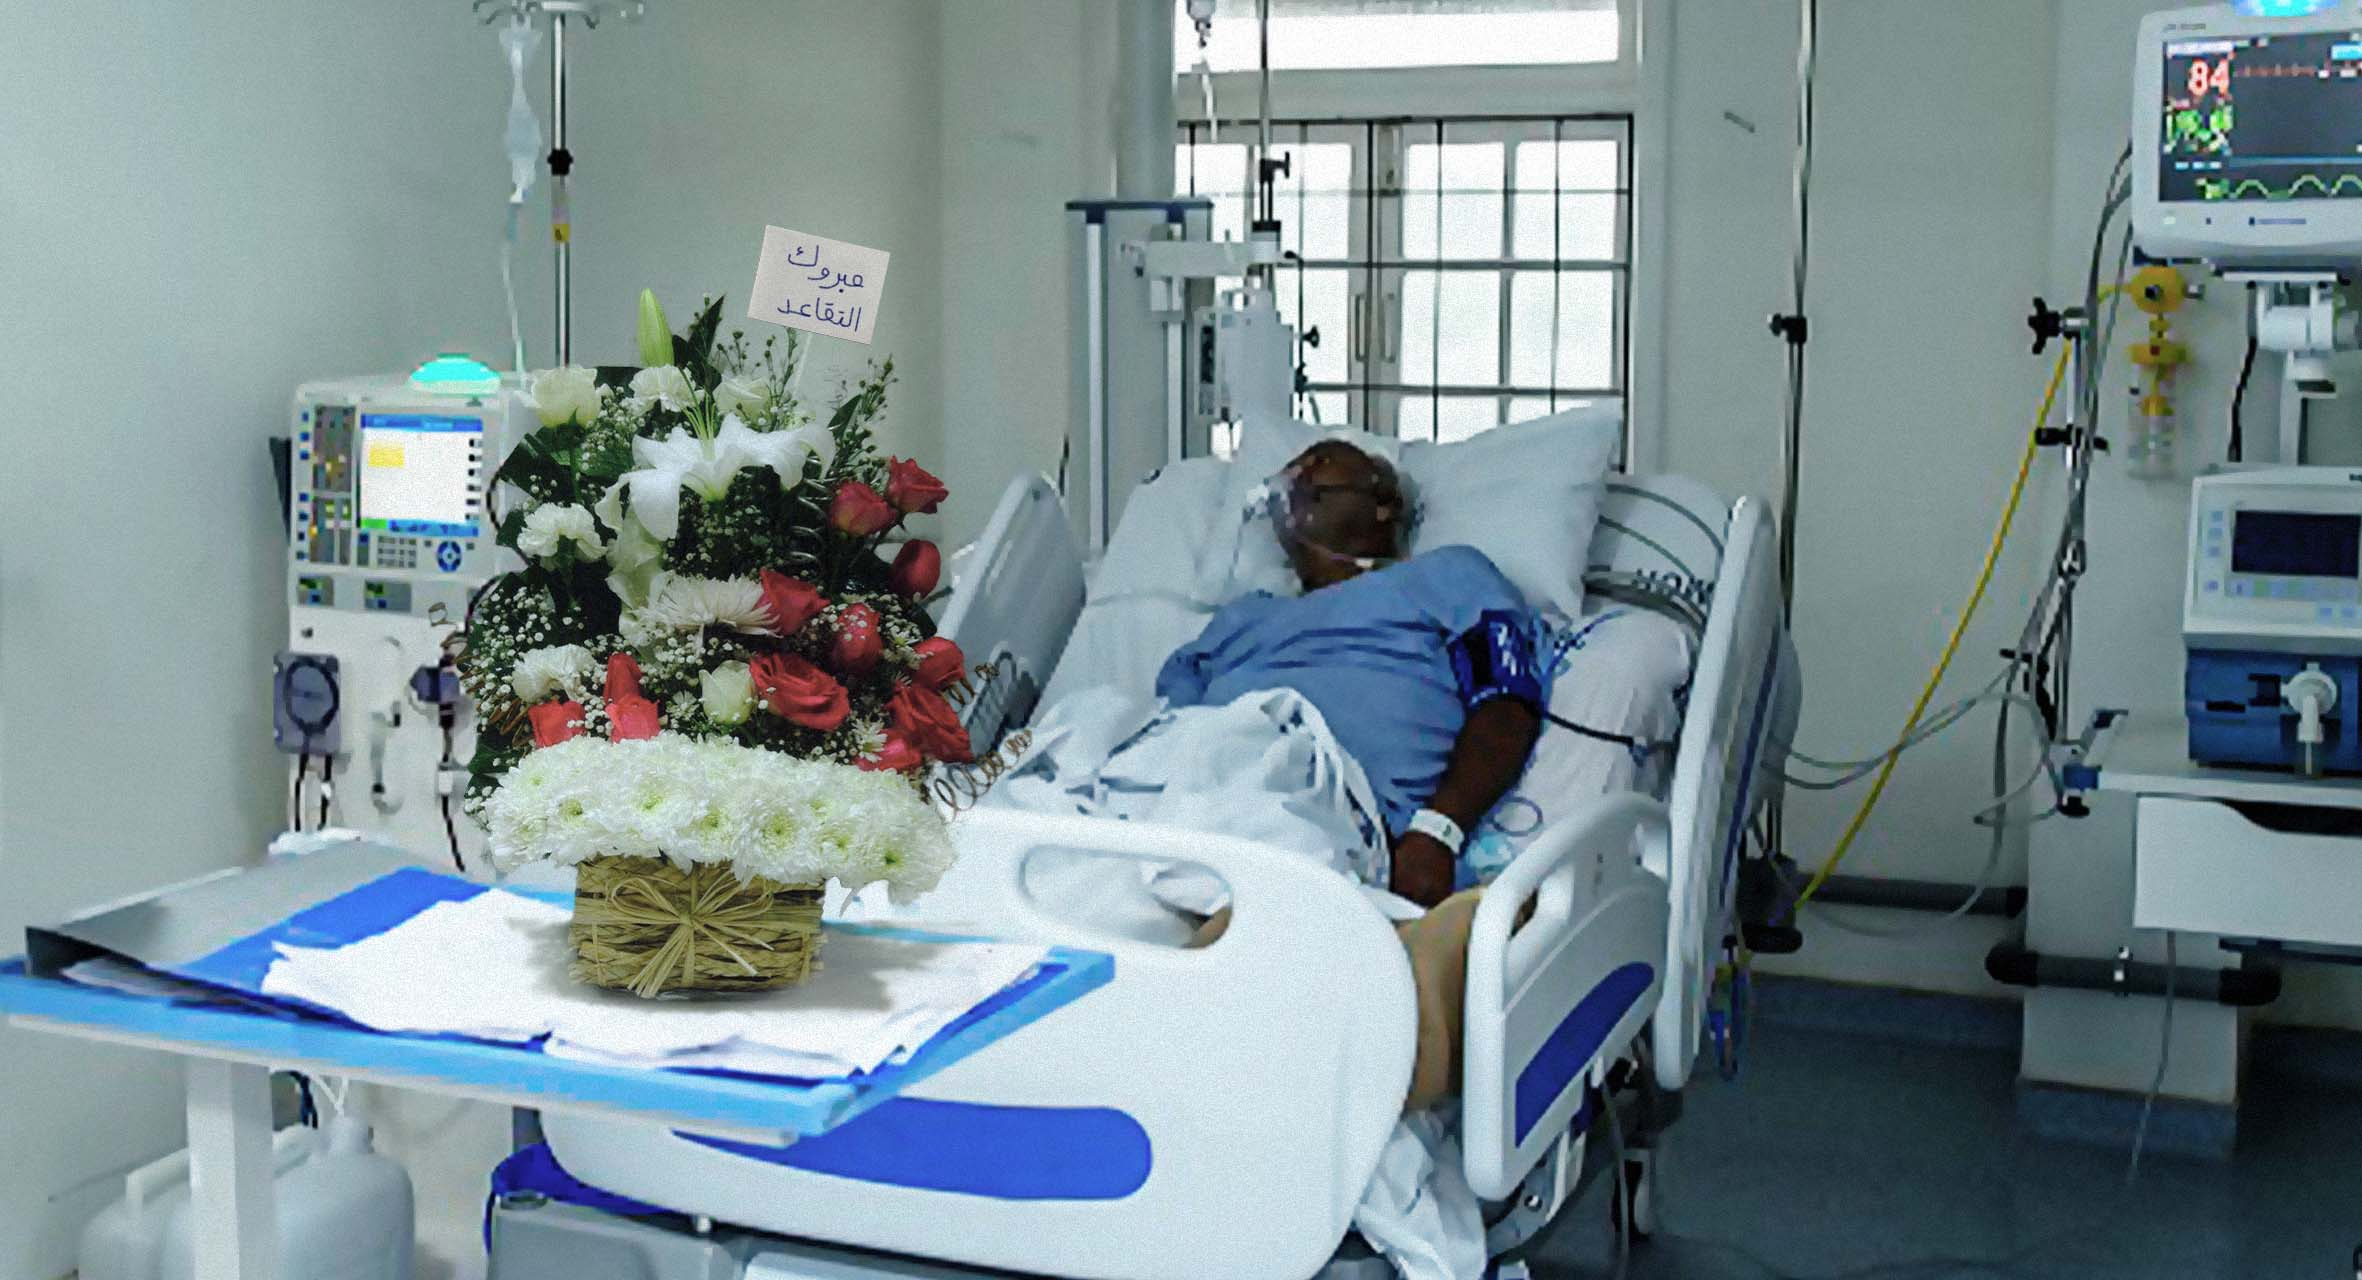 صورة  مسؤول يُحال إلى التقاعد قبل وفاته لدخوله في حالة موت سريري